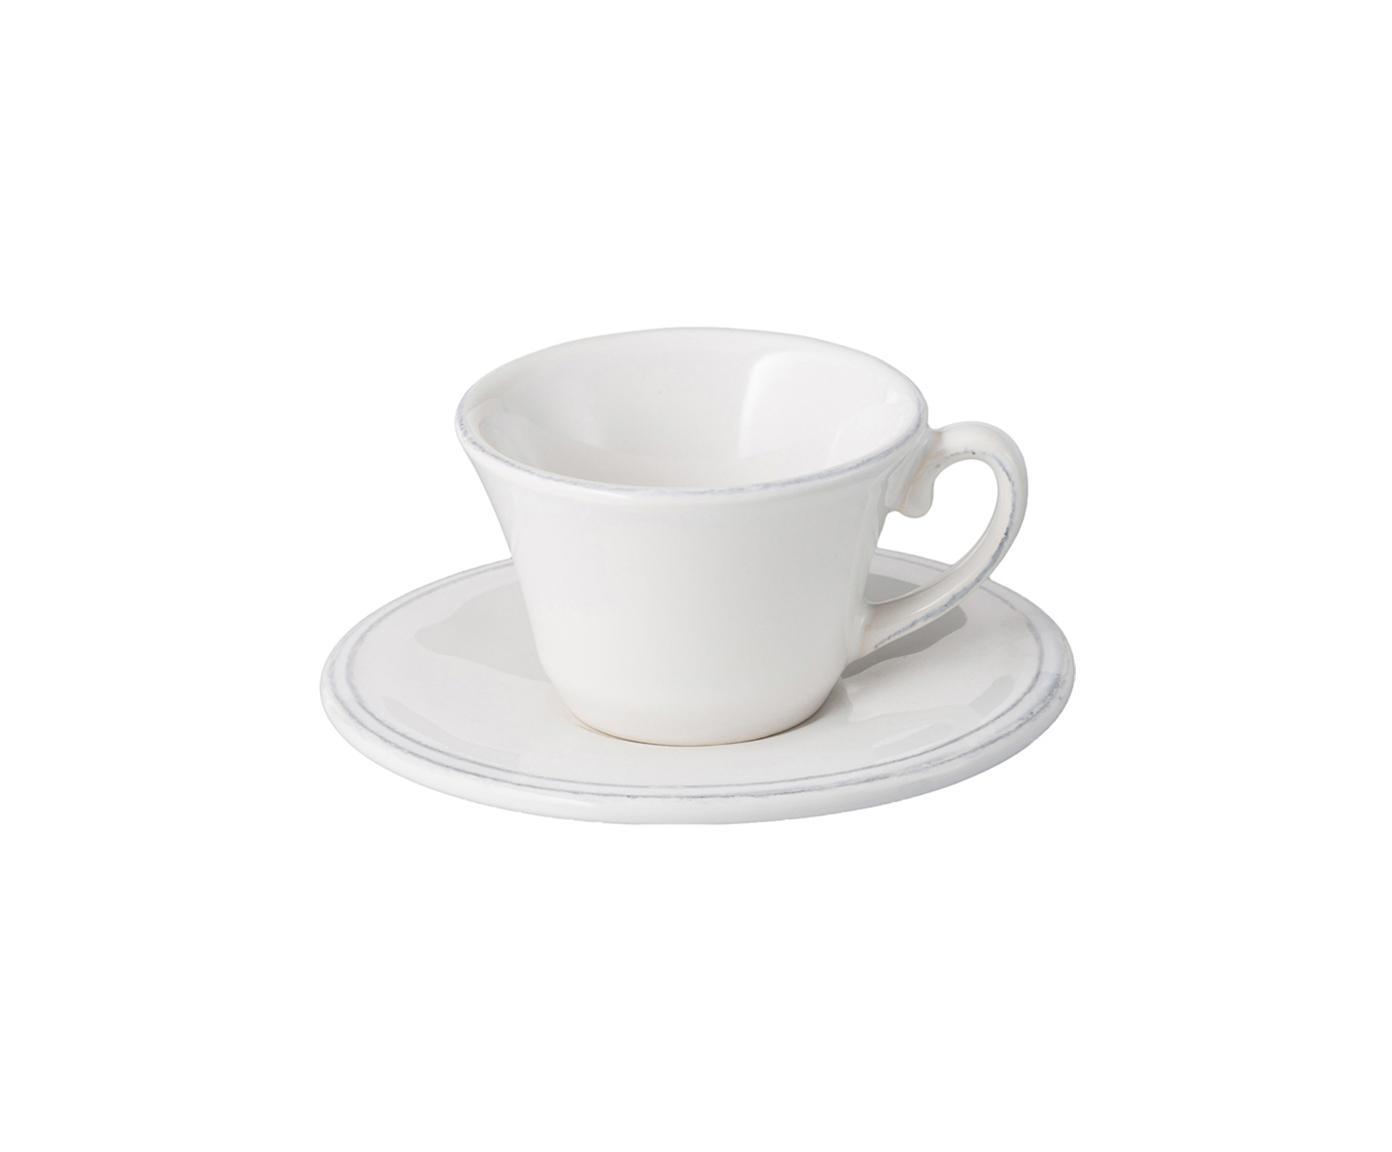 Espresso kopjes met schoteltjes Constance in wit, 6 stuks, Keramiek, Wit, Ø 13 x H 6 cm